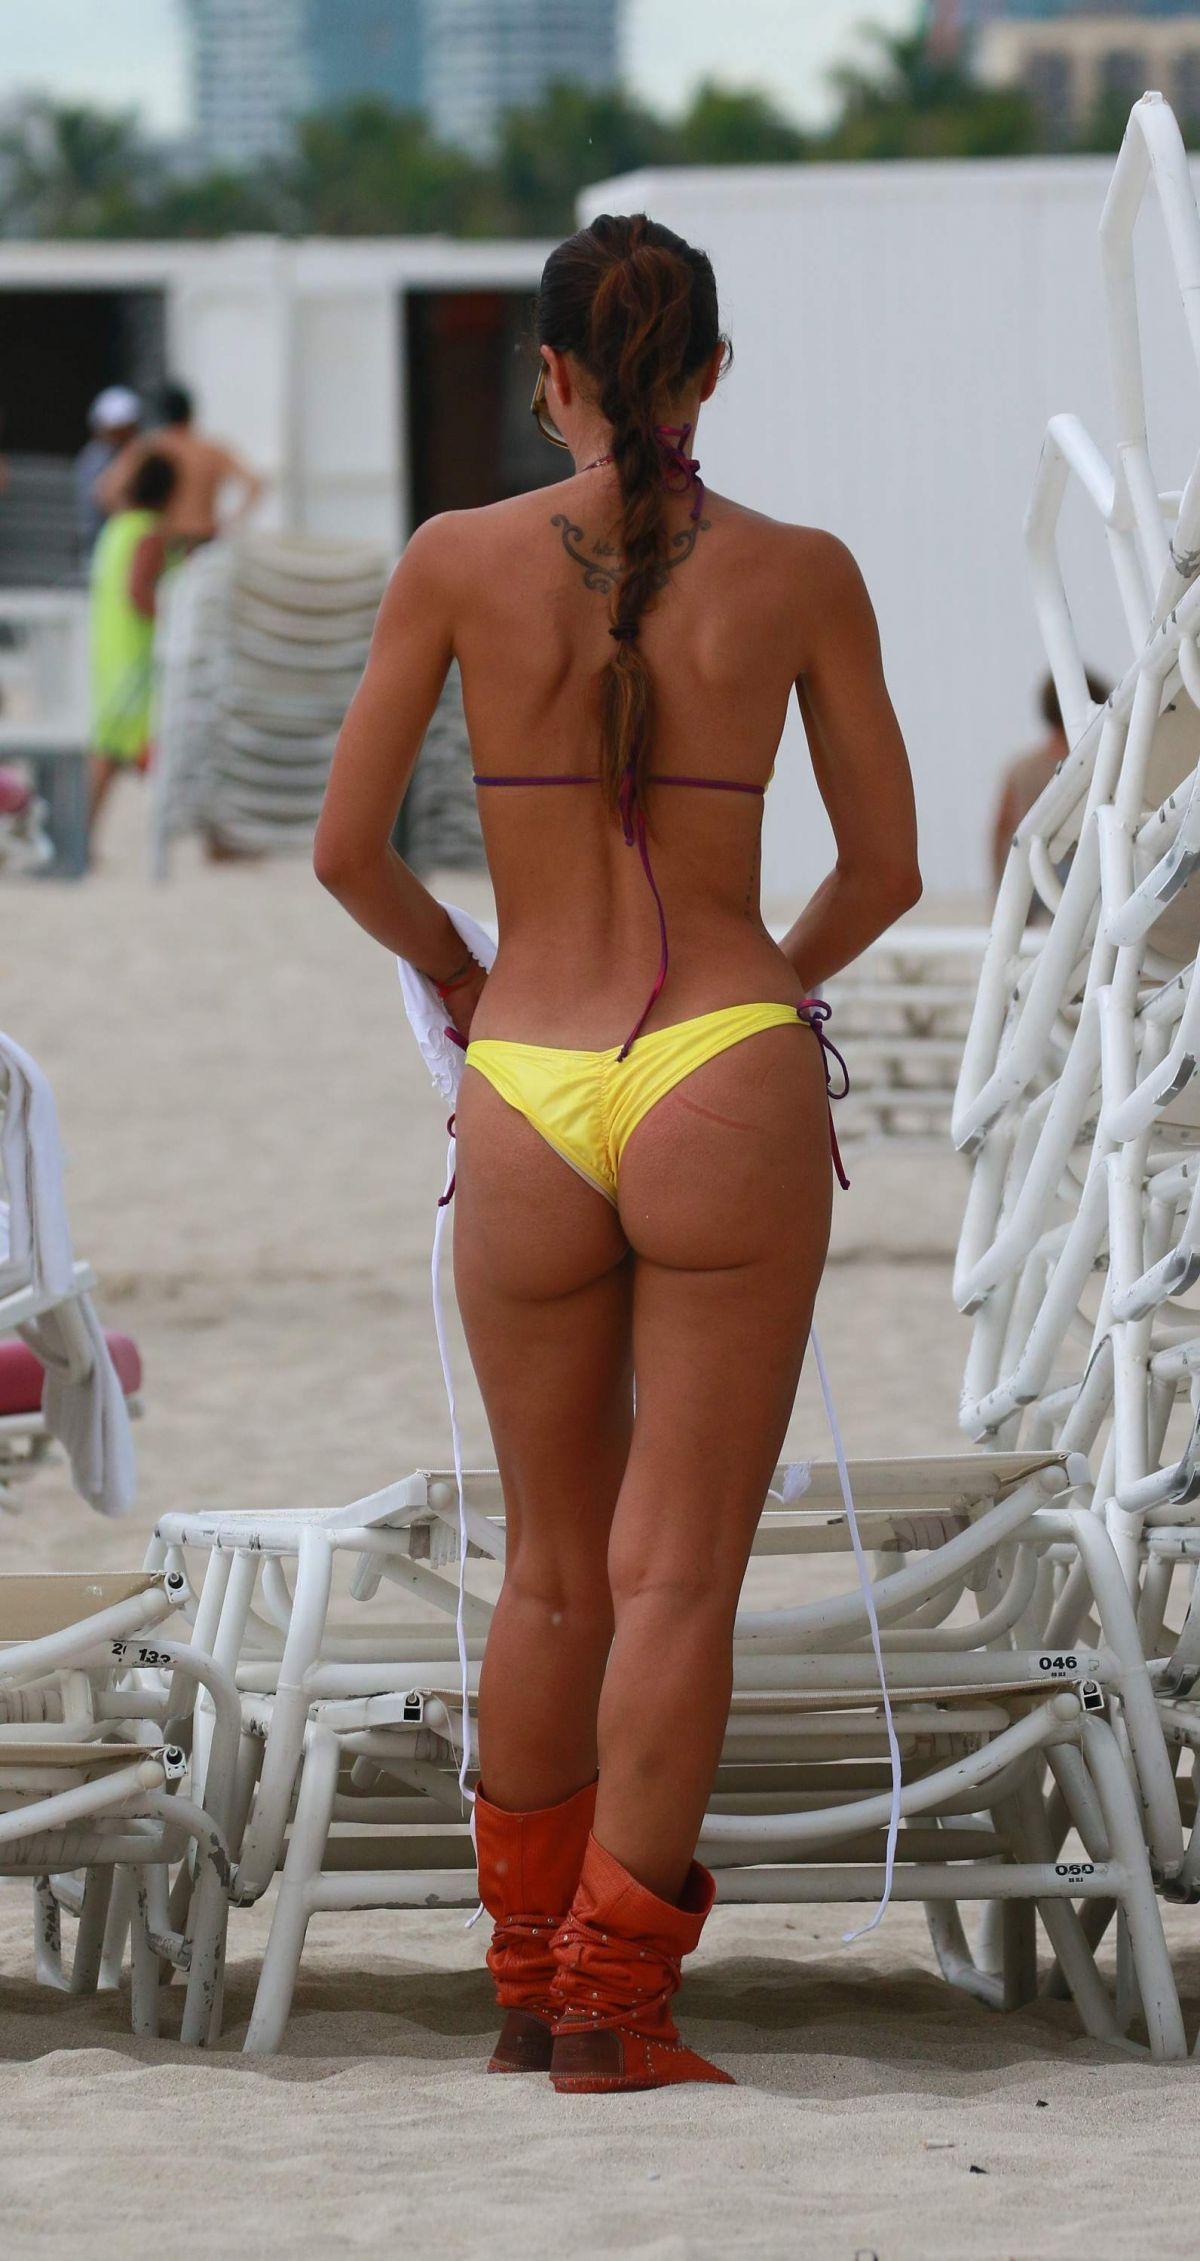 Metisha Schaefer nude (26 photo) Hot, Instagram, bra